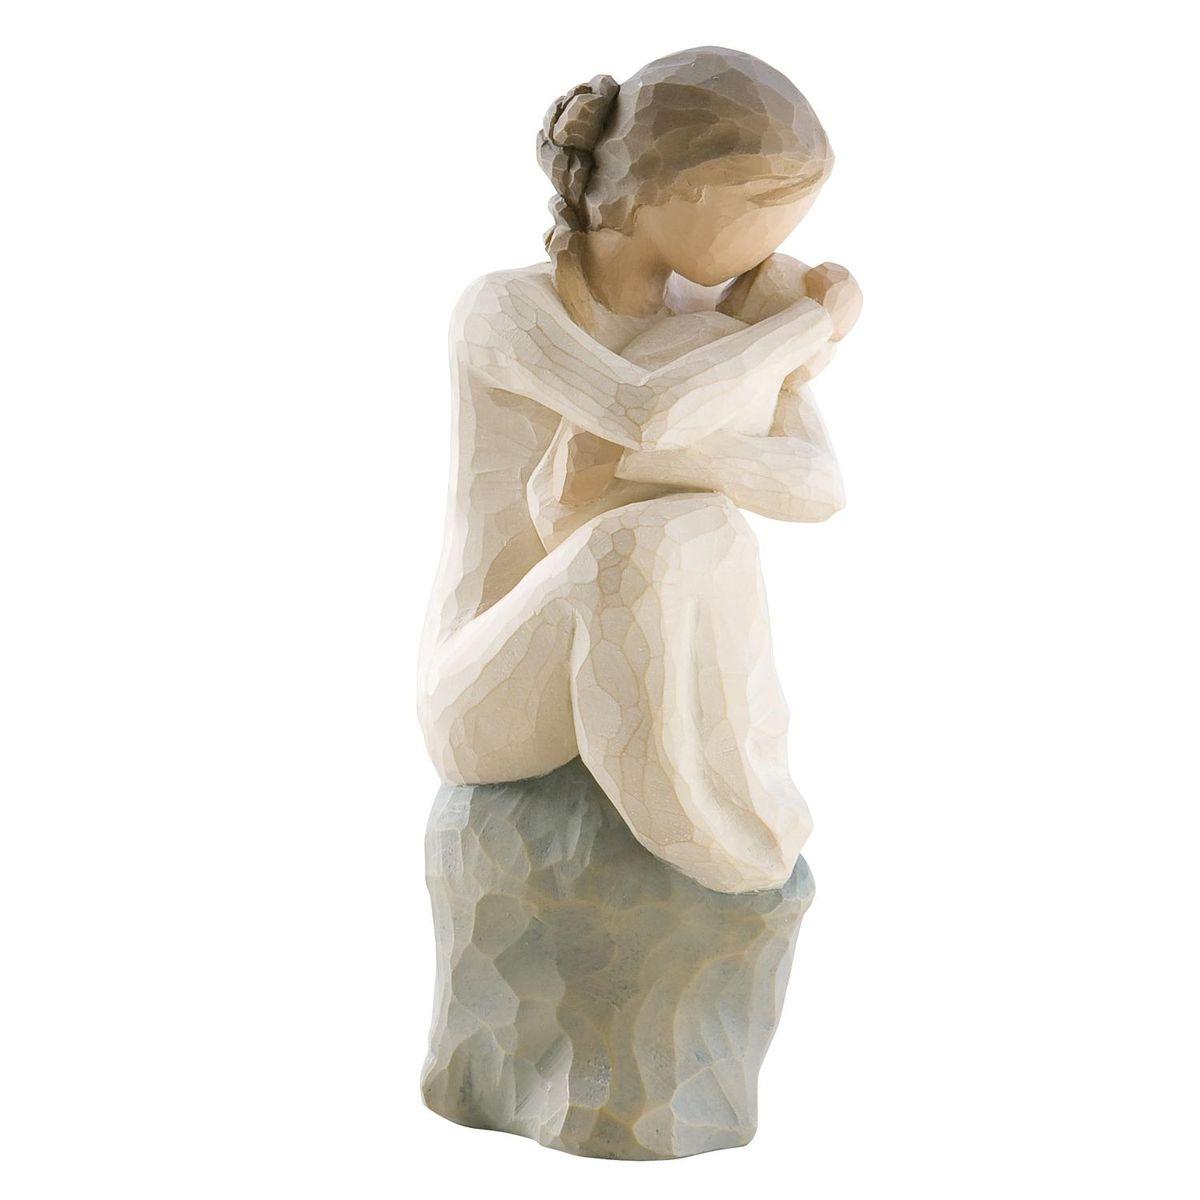 Фигурка декоративная Willow Tree Хранитель, высота 15 см26195Декоративная фигурка Willow Tree создана канадским скульптором Сьюзан Лорди. Фигурка выполнена из искусственного камня (49% карбонат кальция мелкозернистой разновидности, 51% искусственный камень).Фигурка Willow Tree – это настоящее произведение искусства, образная скульптура в миниатюре, изображающая эмоции и чувства, которые помогают чувствовать себя ближе к другим, верить в мечту, выражать любовь.Фигурка помещена в красивую упаковку.Купить такой оригинальный подарок, значит не только украсить интерьер помещения или жилой комнаты, но выразить свое глубокое отношение к любимому человеку. Этот прекрасный сувенир будет лучшим подарком на день ангела, именины, день рождения, юбилей.